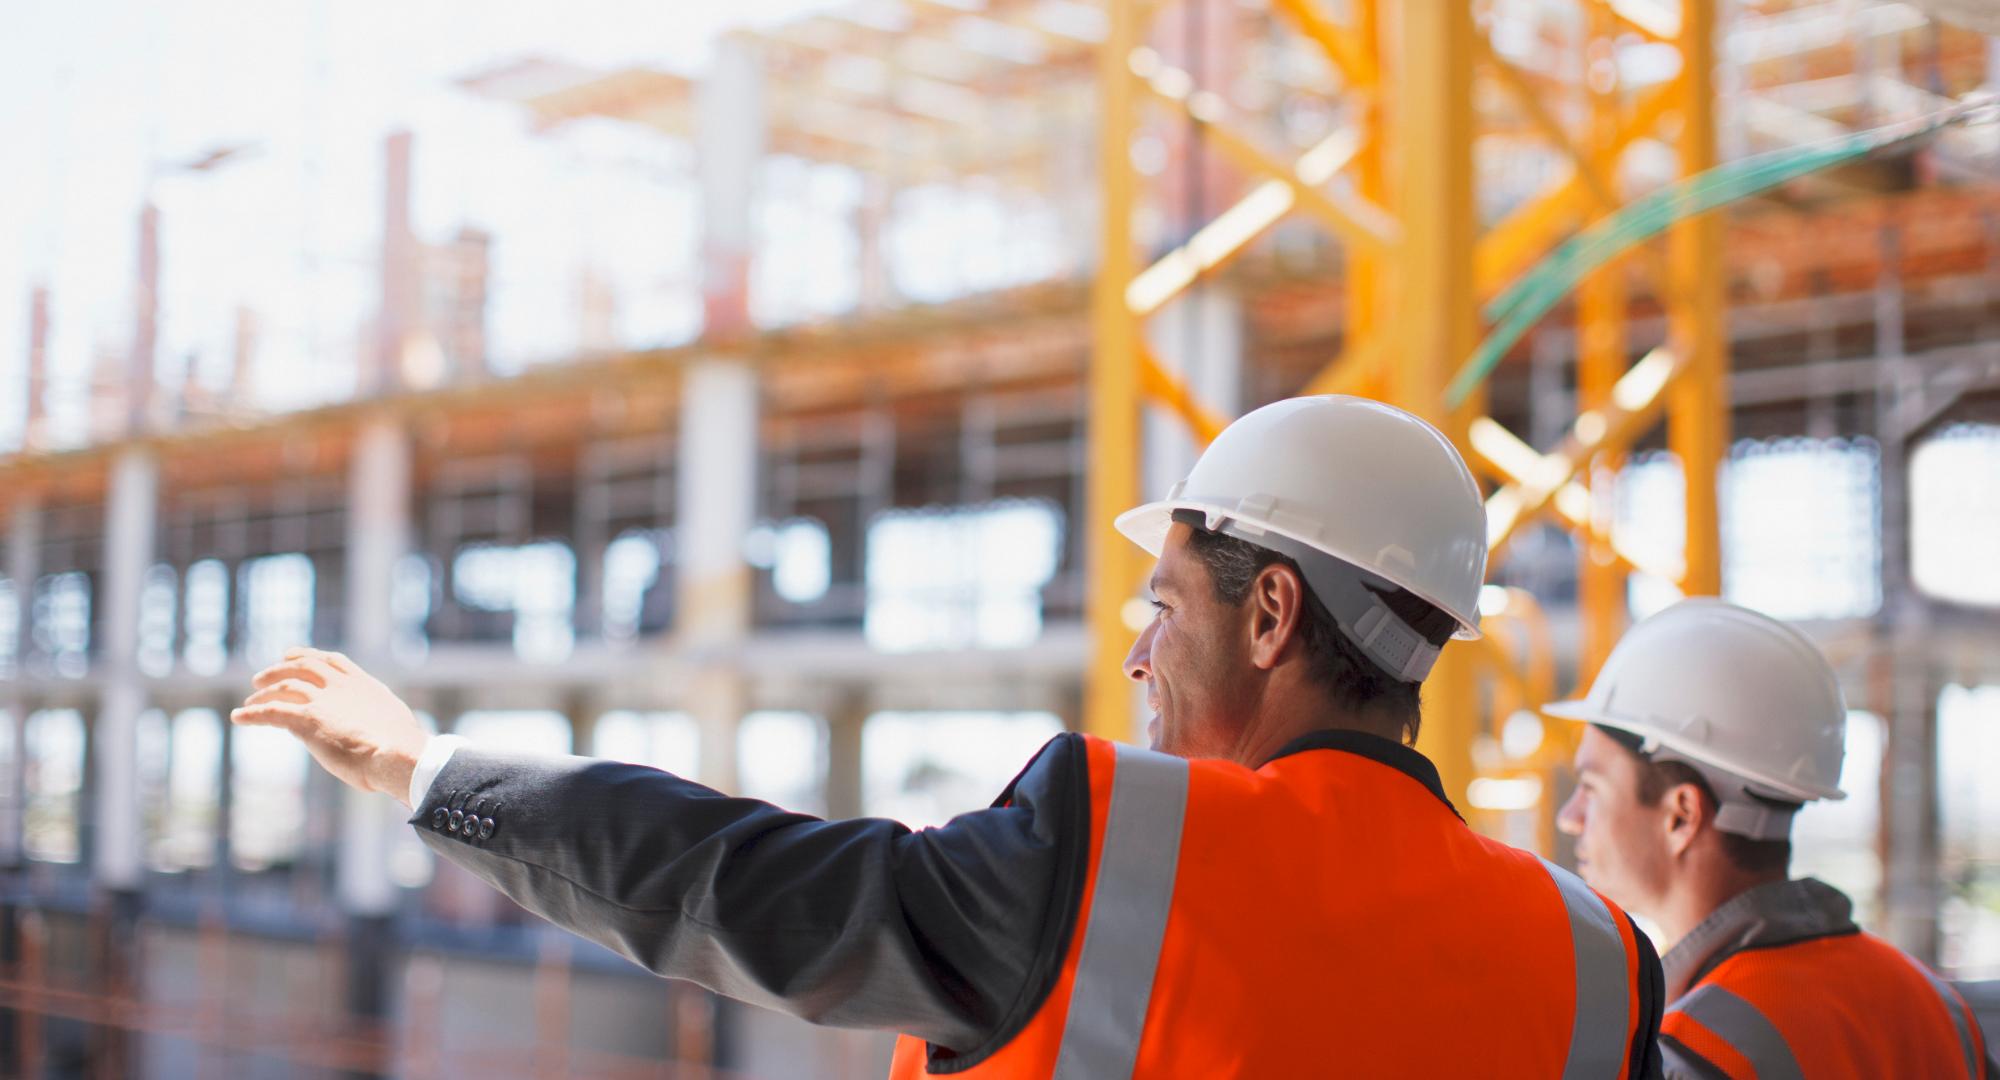 NR 18: Saiba mais sobre a norma que aborda a segurança e a saúde no trabalho